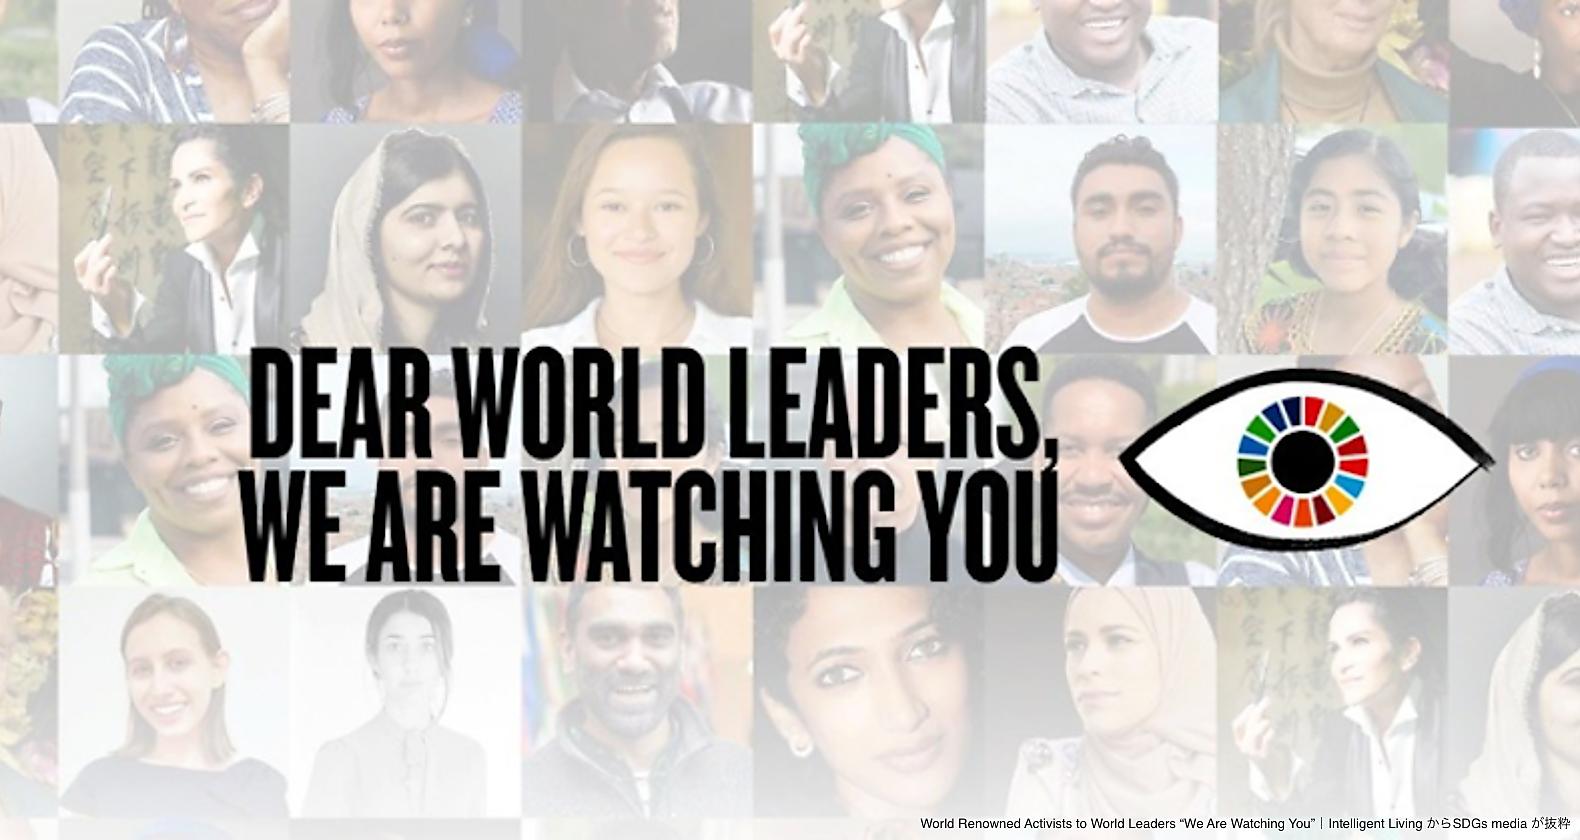 検索上位から見つけたSDGs活動団体「Project Everyone」の世界規模の取り組みとは?の画像